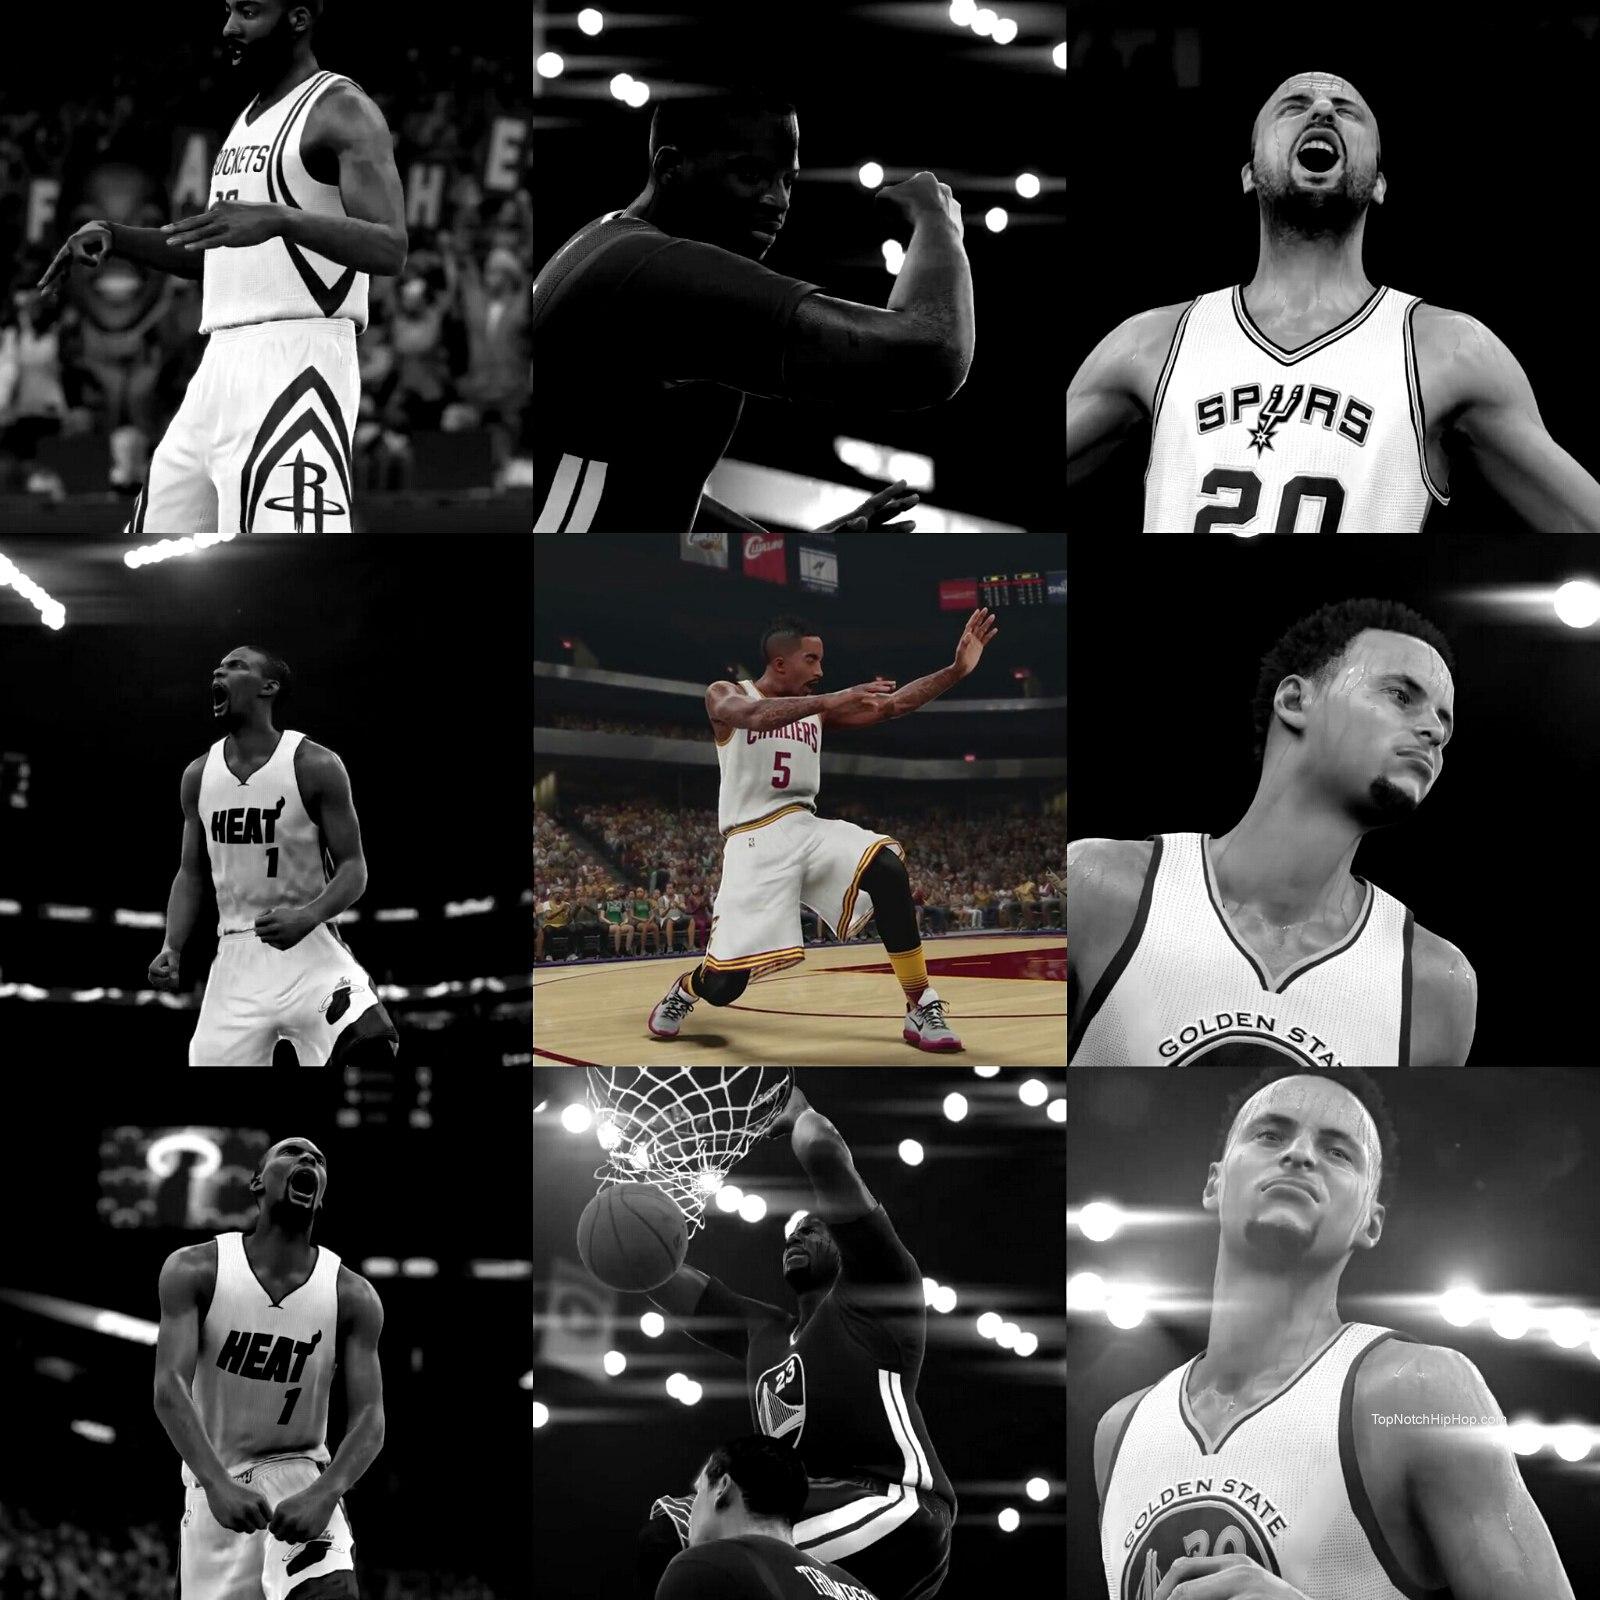 J. R. Smith in NBA game nba2k16 2015